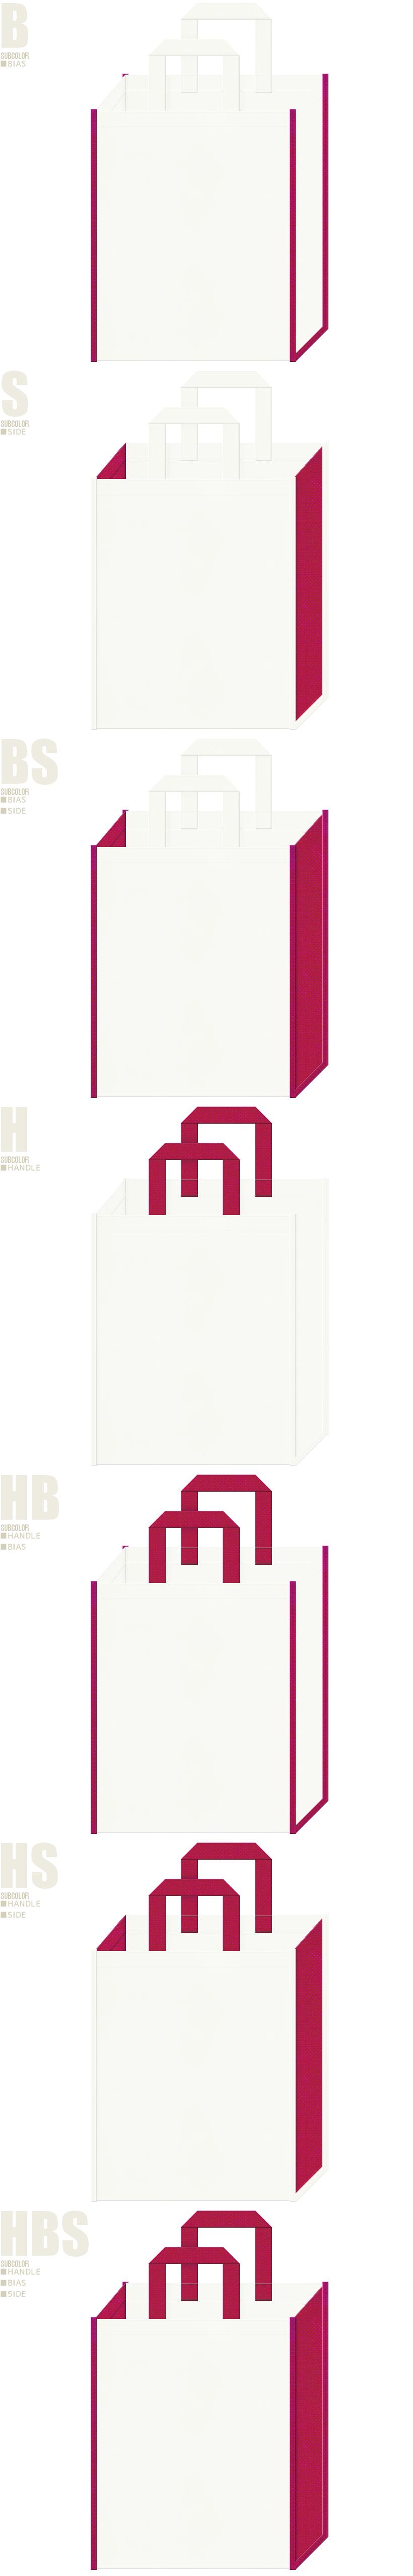 ブライダル用品・医療機器の展示会用バッグ、婚礼アルバム・結婚式場打ち合わせ資料保管用バッグにお奨めです。オフホワイト色と濃いピンク色の不織布バッグ配色7パターンのデザイン。